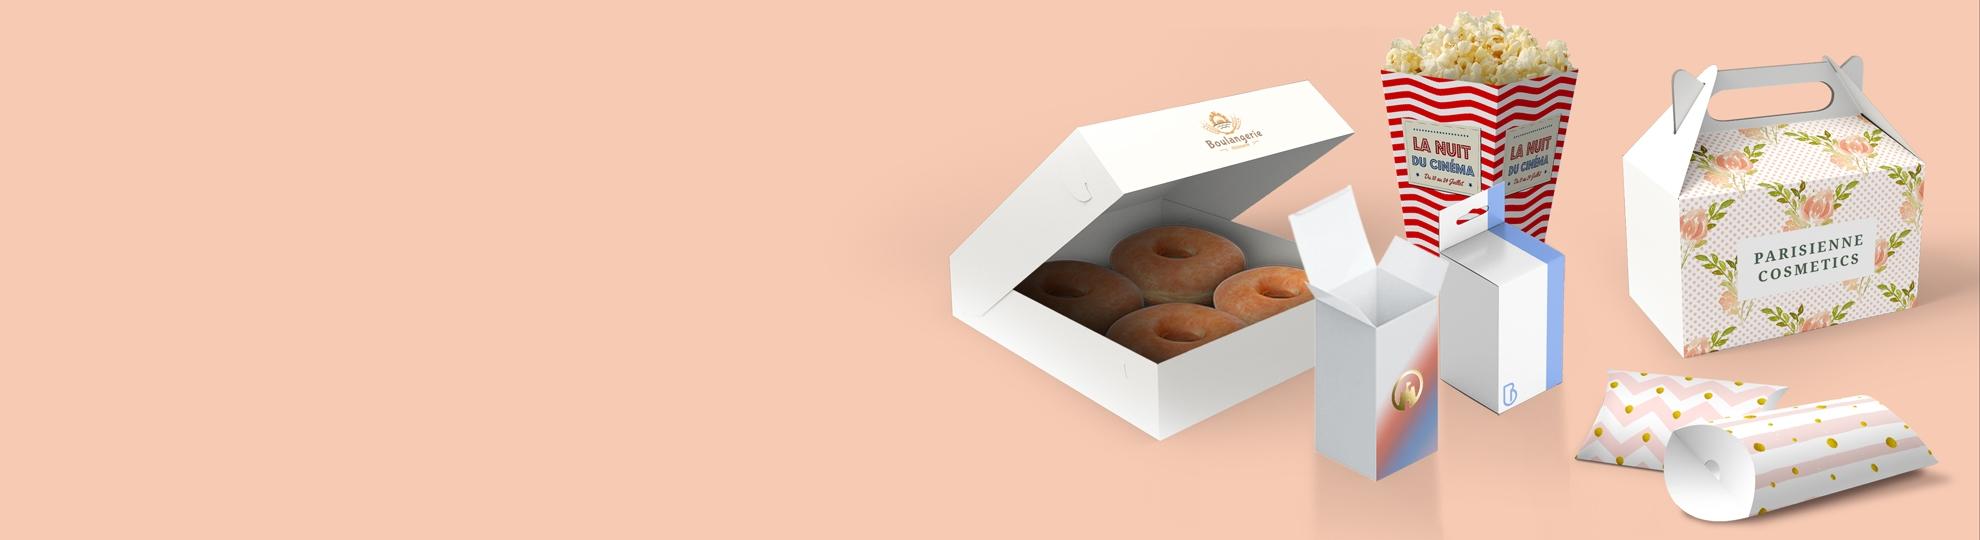 Impression packagings et emballages personnalisés